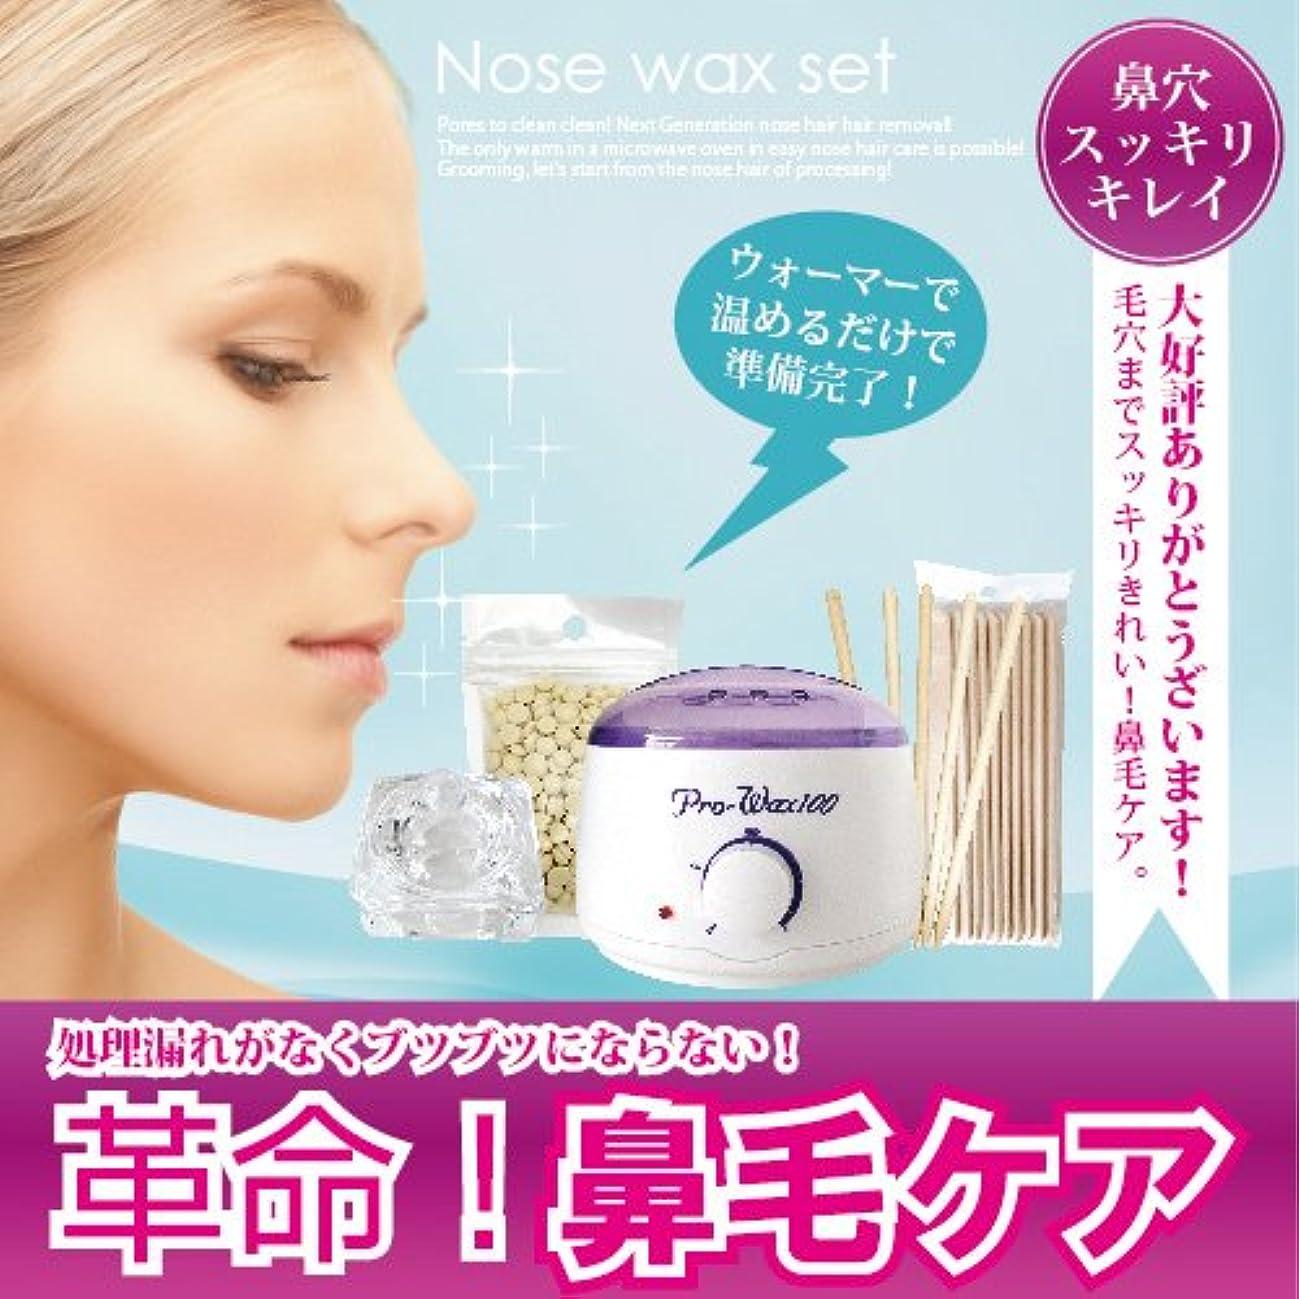 モチーフ真剣に乳白ブラジリアンワックス Nose wax setウォーマー付ノーズワックス鼻毛ケアセット(約12回分)